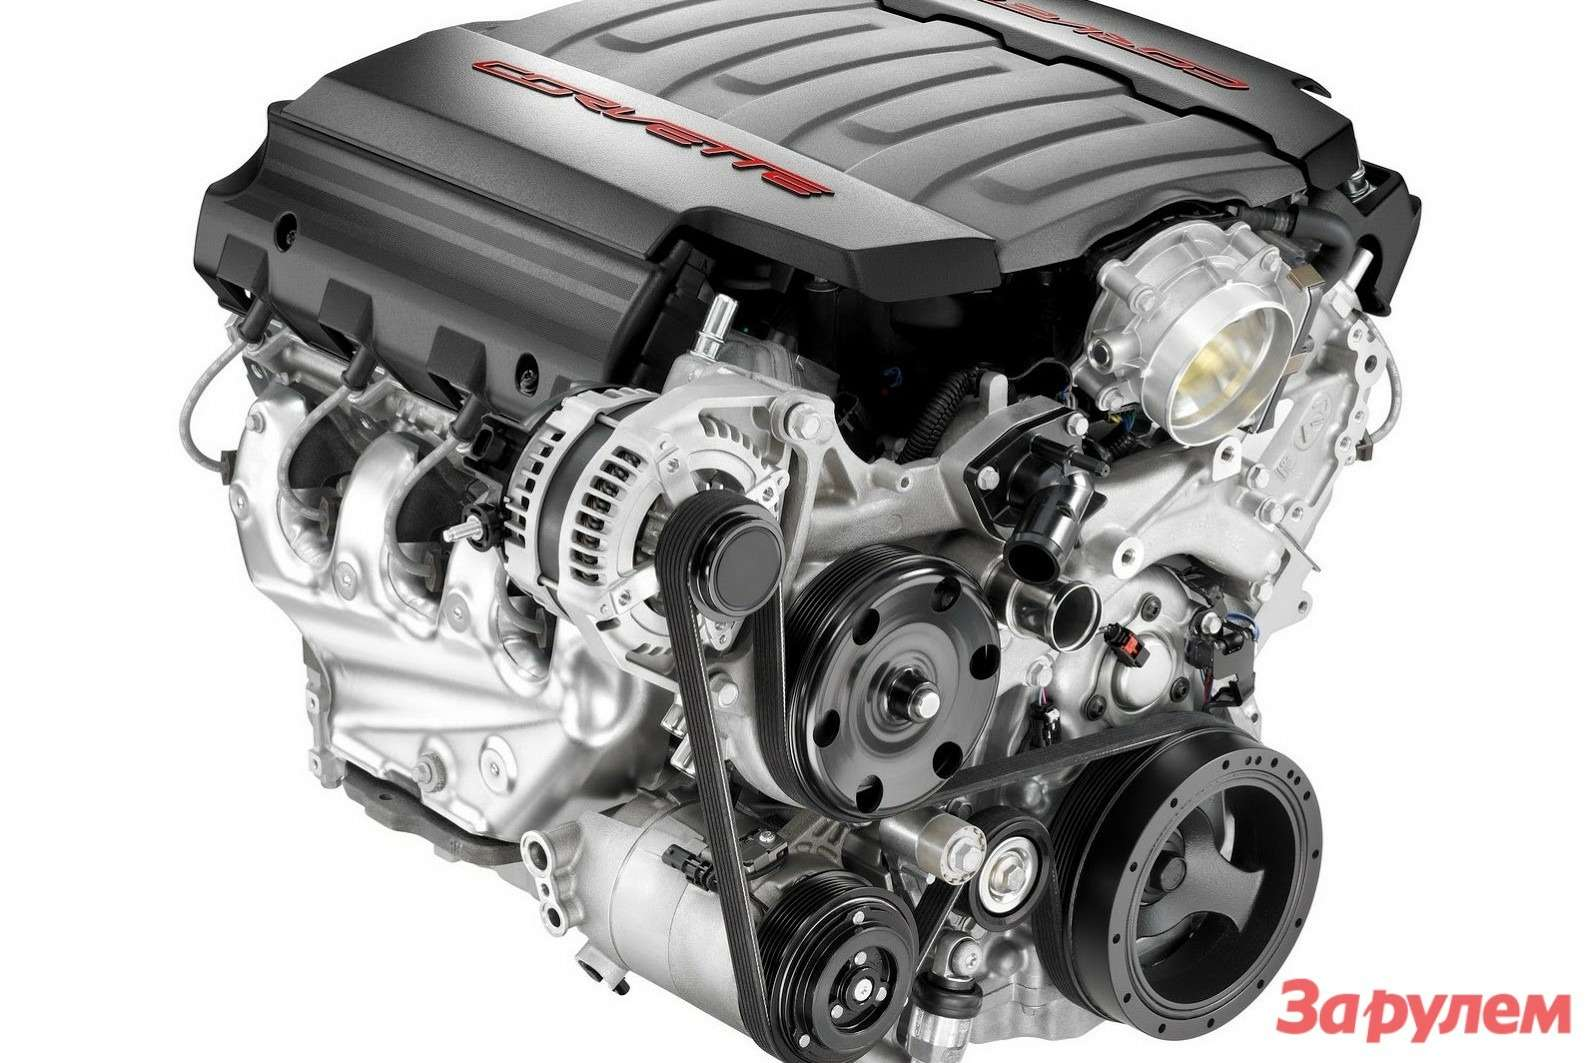 Chevrolet Corvette C7Small Block LT13